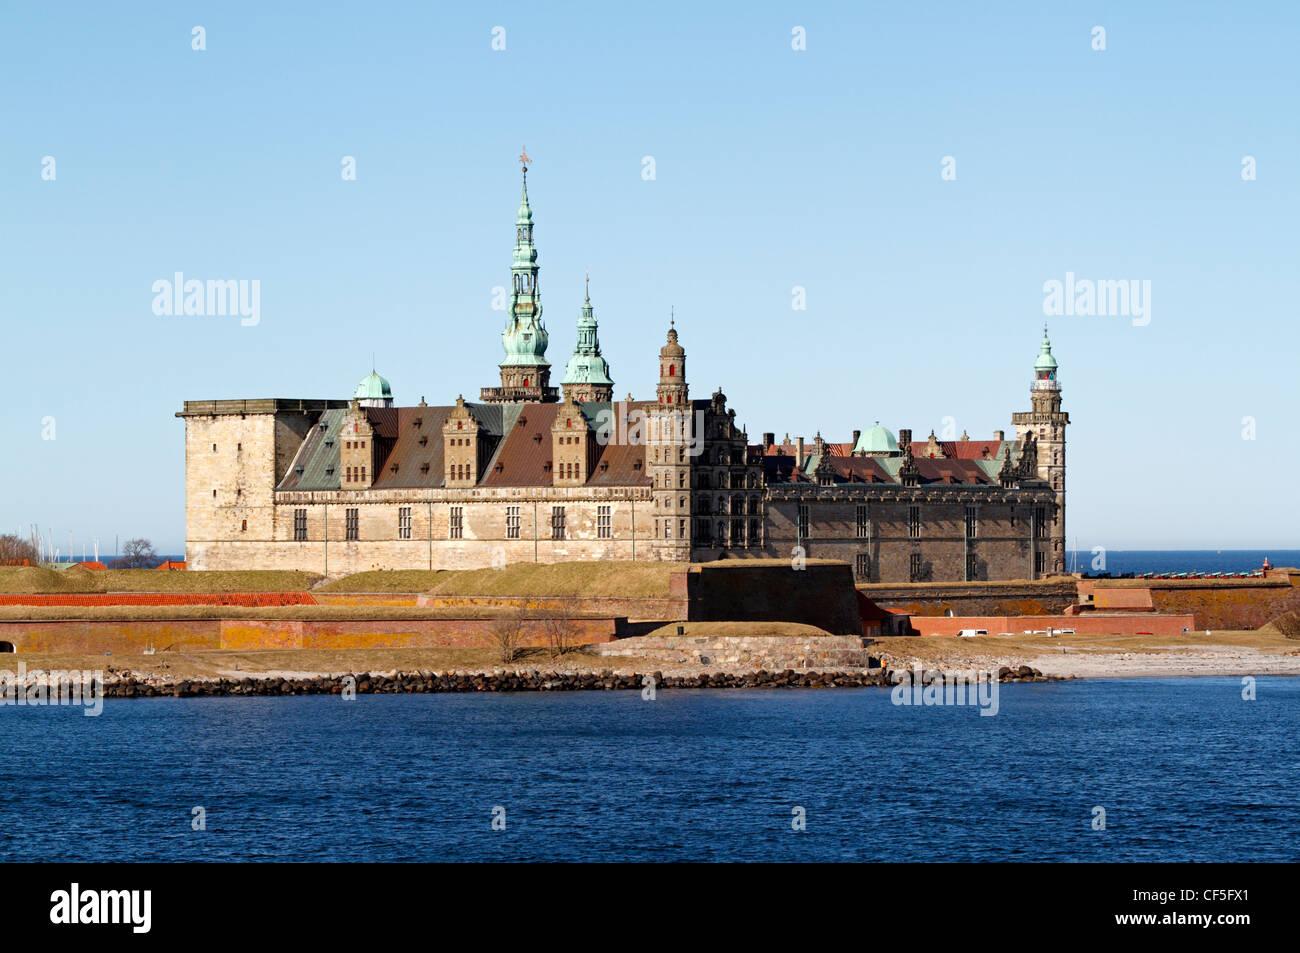 Die niederländische Renaissance Schloss Kronborg in Helsingør, Dänemark, aus der Oresund, der Sound gesehen, an einem sonnigen Frühlingstag. Stockfoto